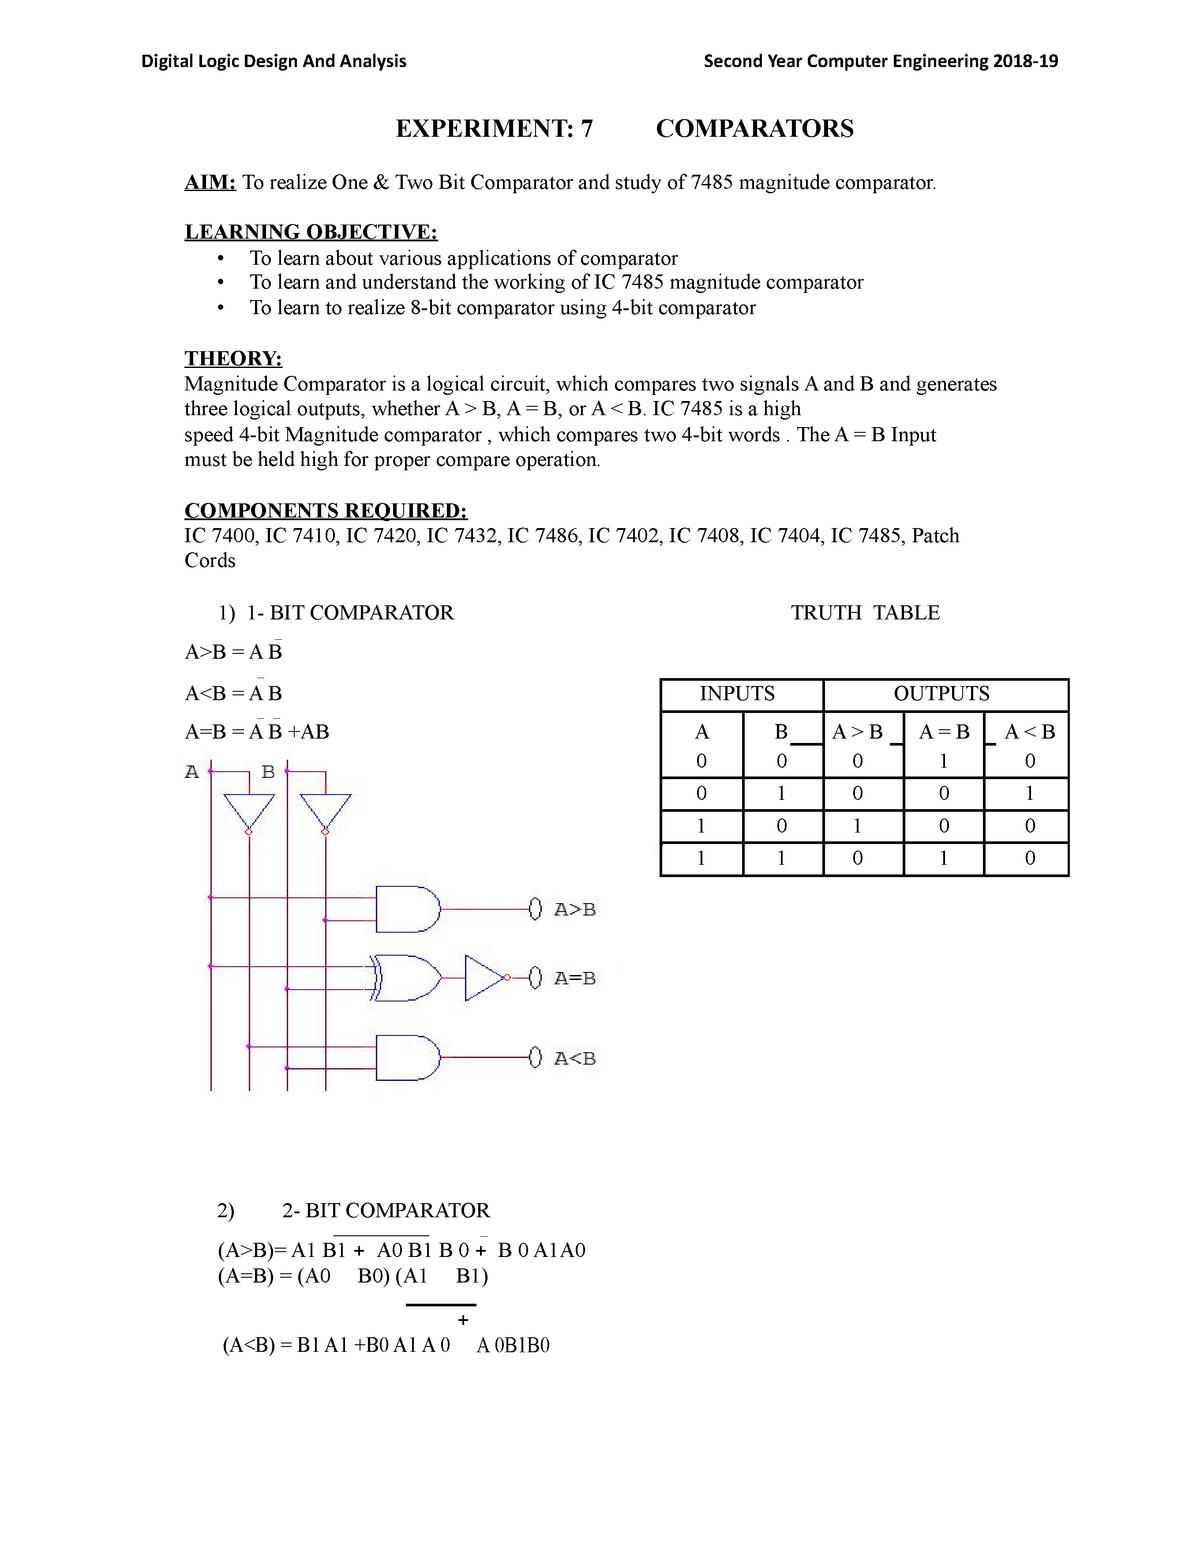 Experiment 7 DLDA Comparator - MUM-ENGIN-016 - StuDocu